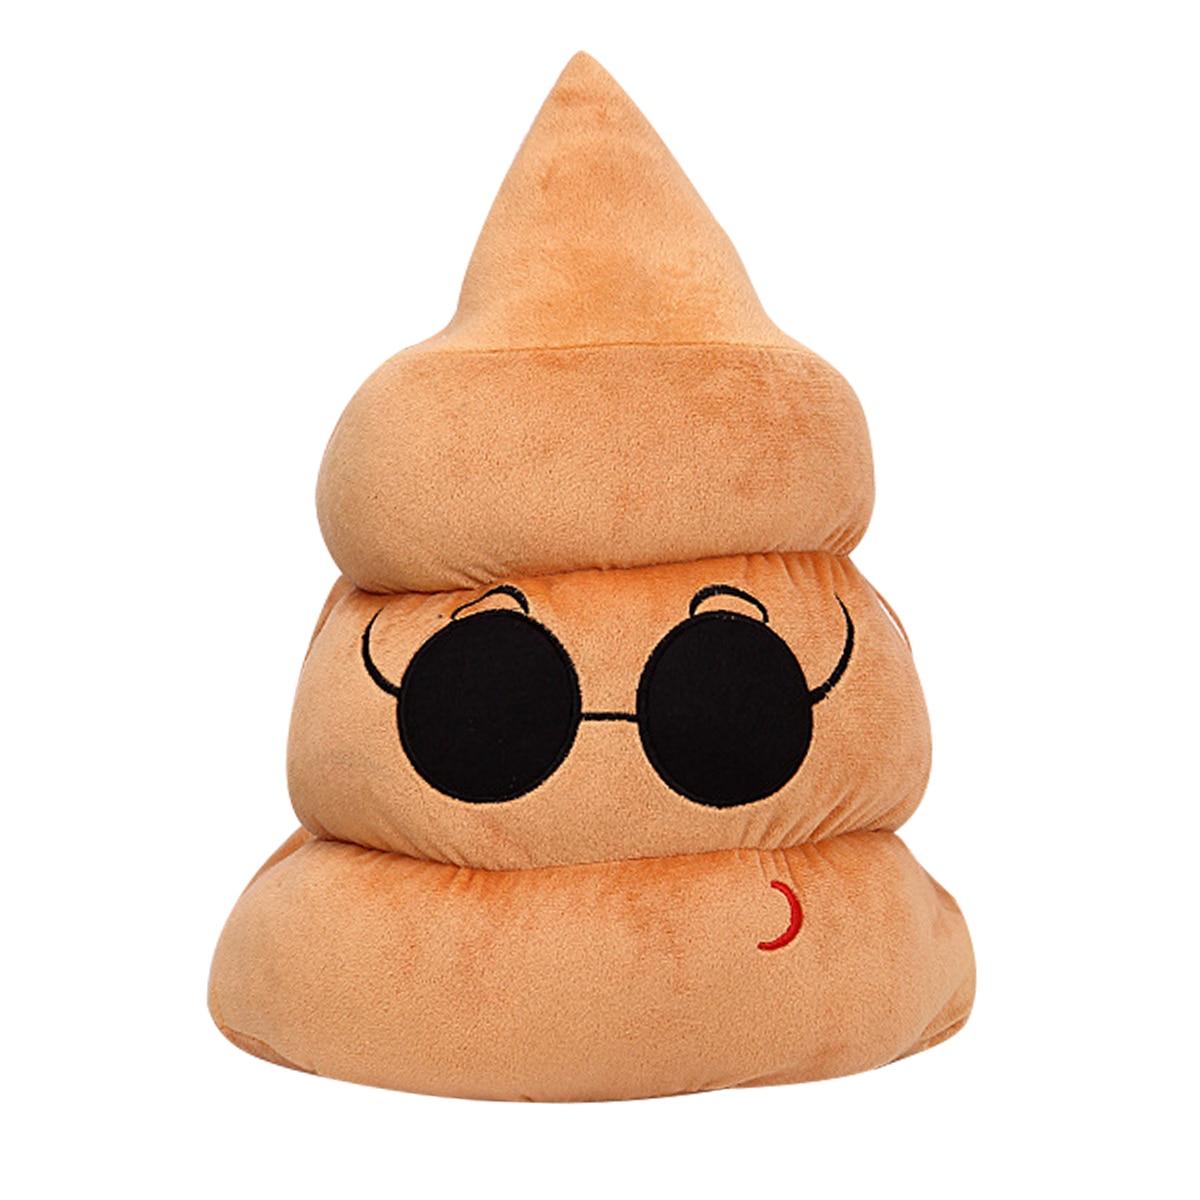 Honig Mymf-mini Sofa Unisex Hause Stuhl Amüsant Plüsch Smiley Gesicht Emoji Kissen Puppe Spielzeug Poop Form Kissen Stofftiere & Plüsch